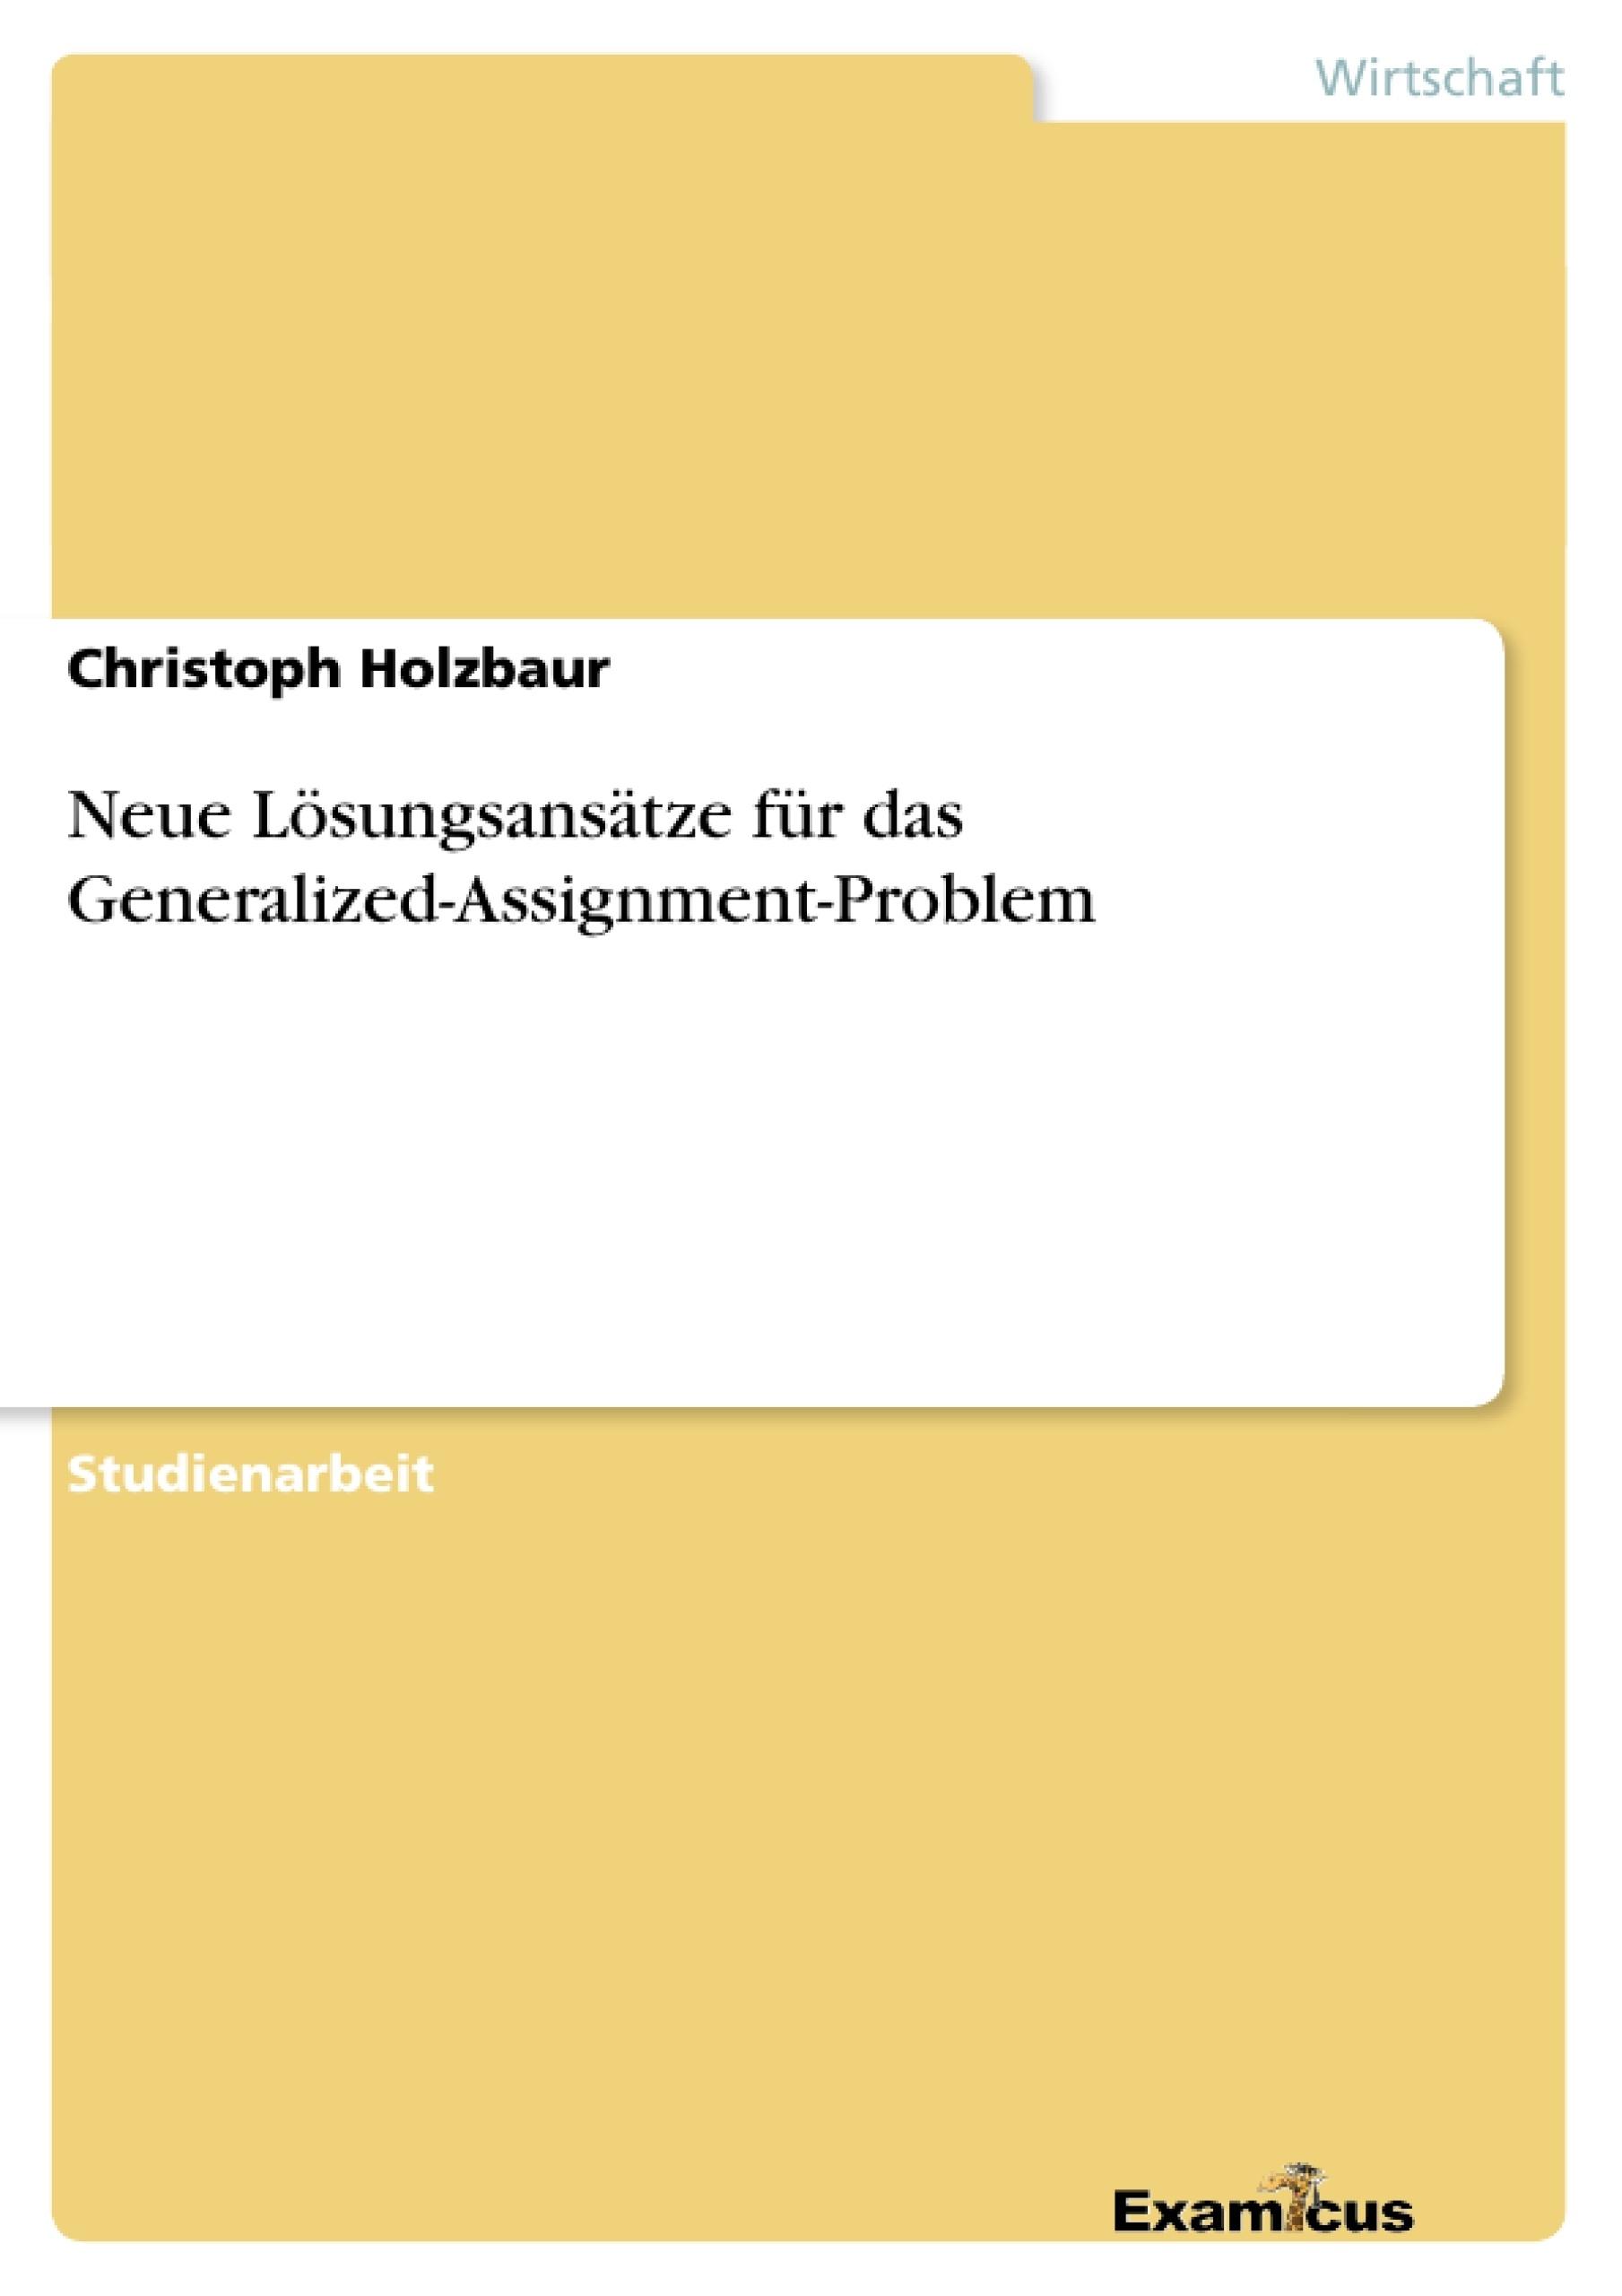 Titel: Neue Lösungsansätze für das Generalized-Assignment-Problem